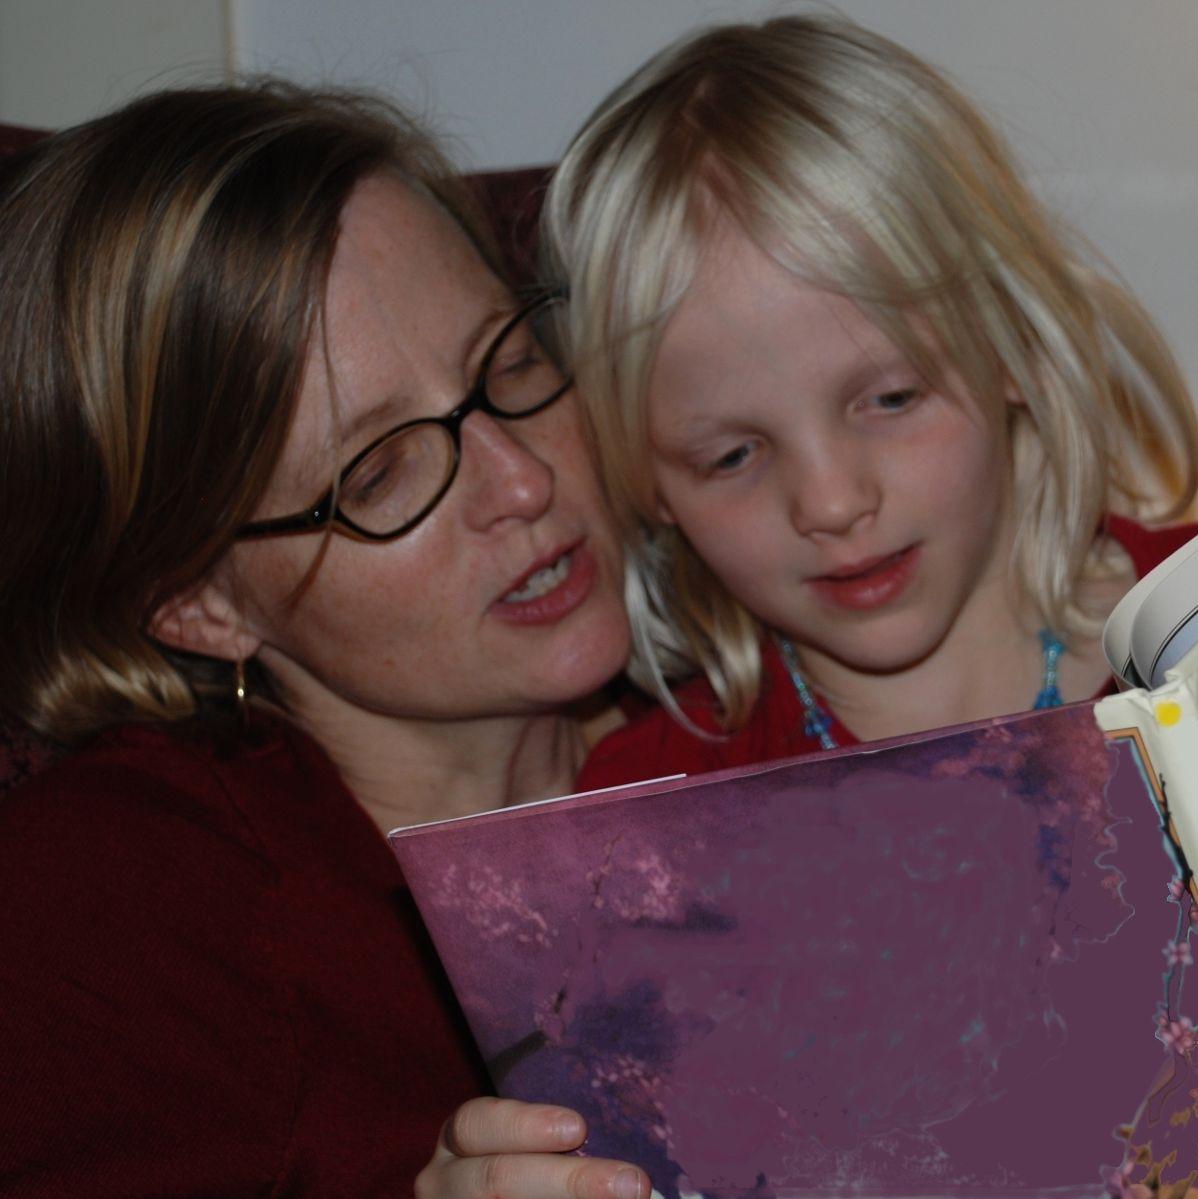 Децата, които растат сред книги, по-късно печелят повече